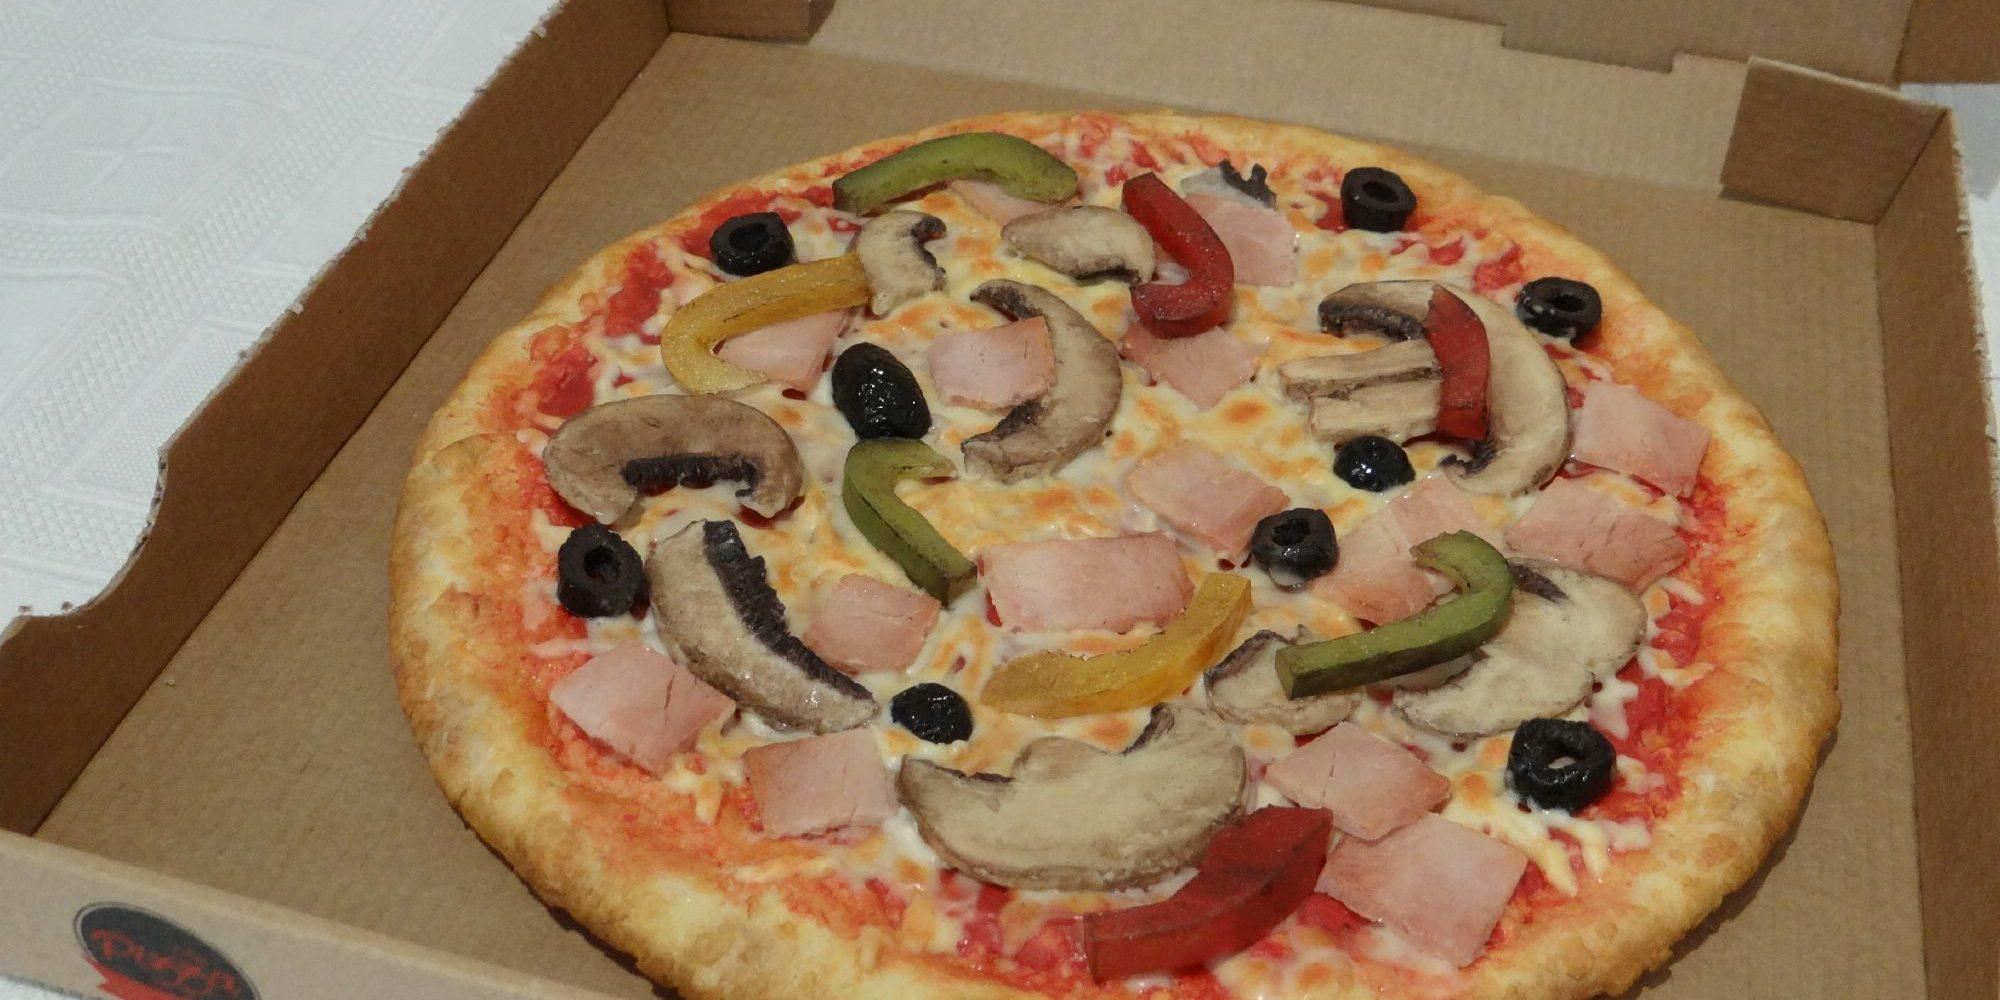 une fausse pizza sculptée en résine qui donne faim comme une vraie